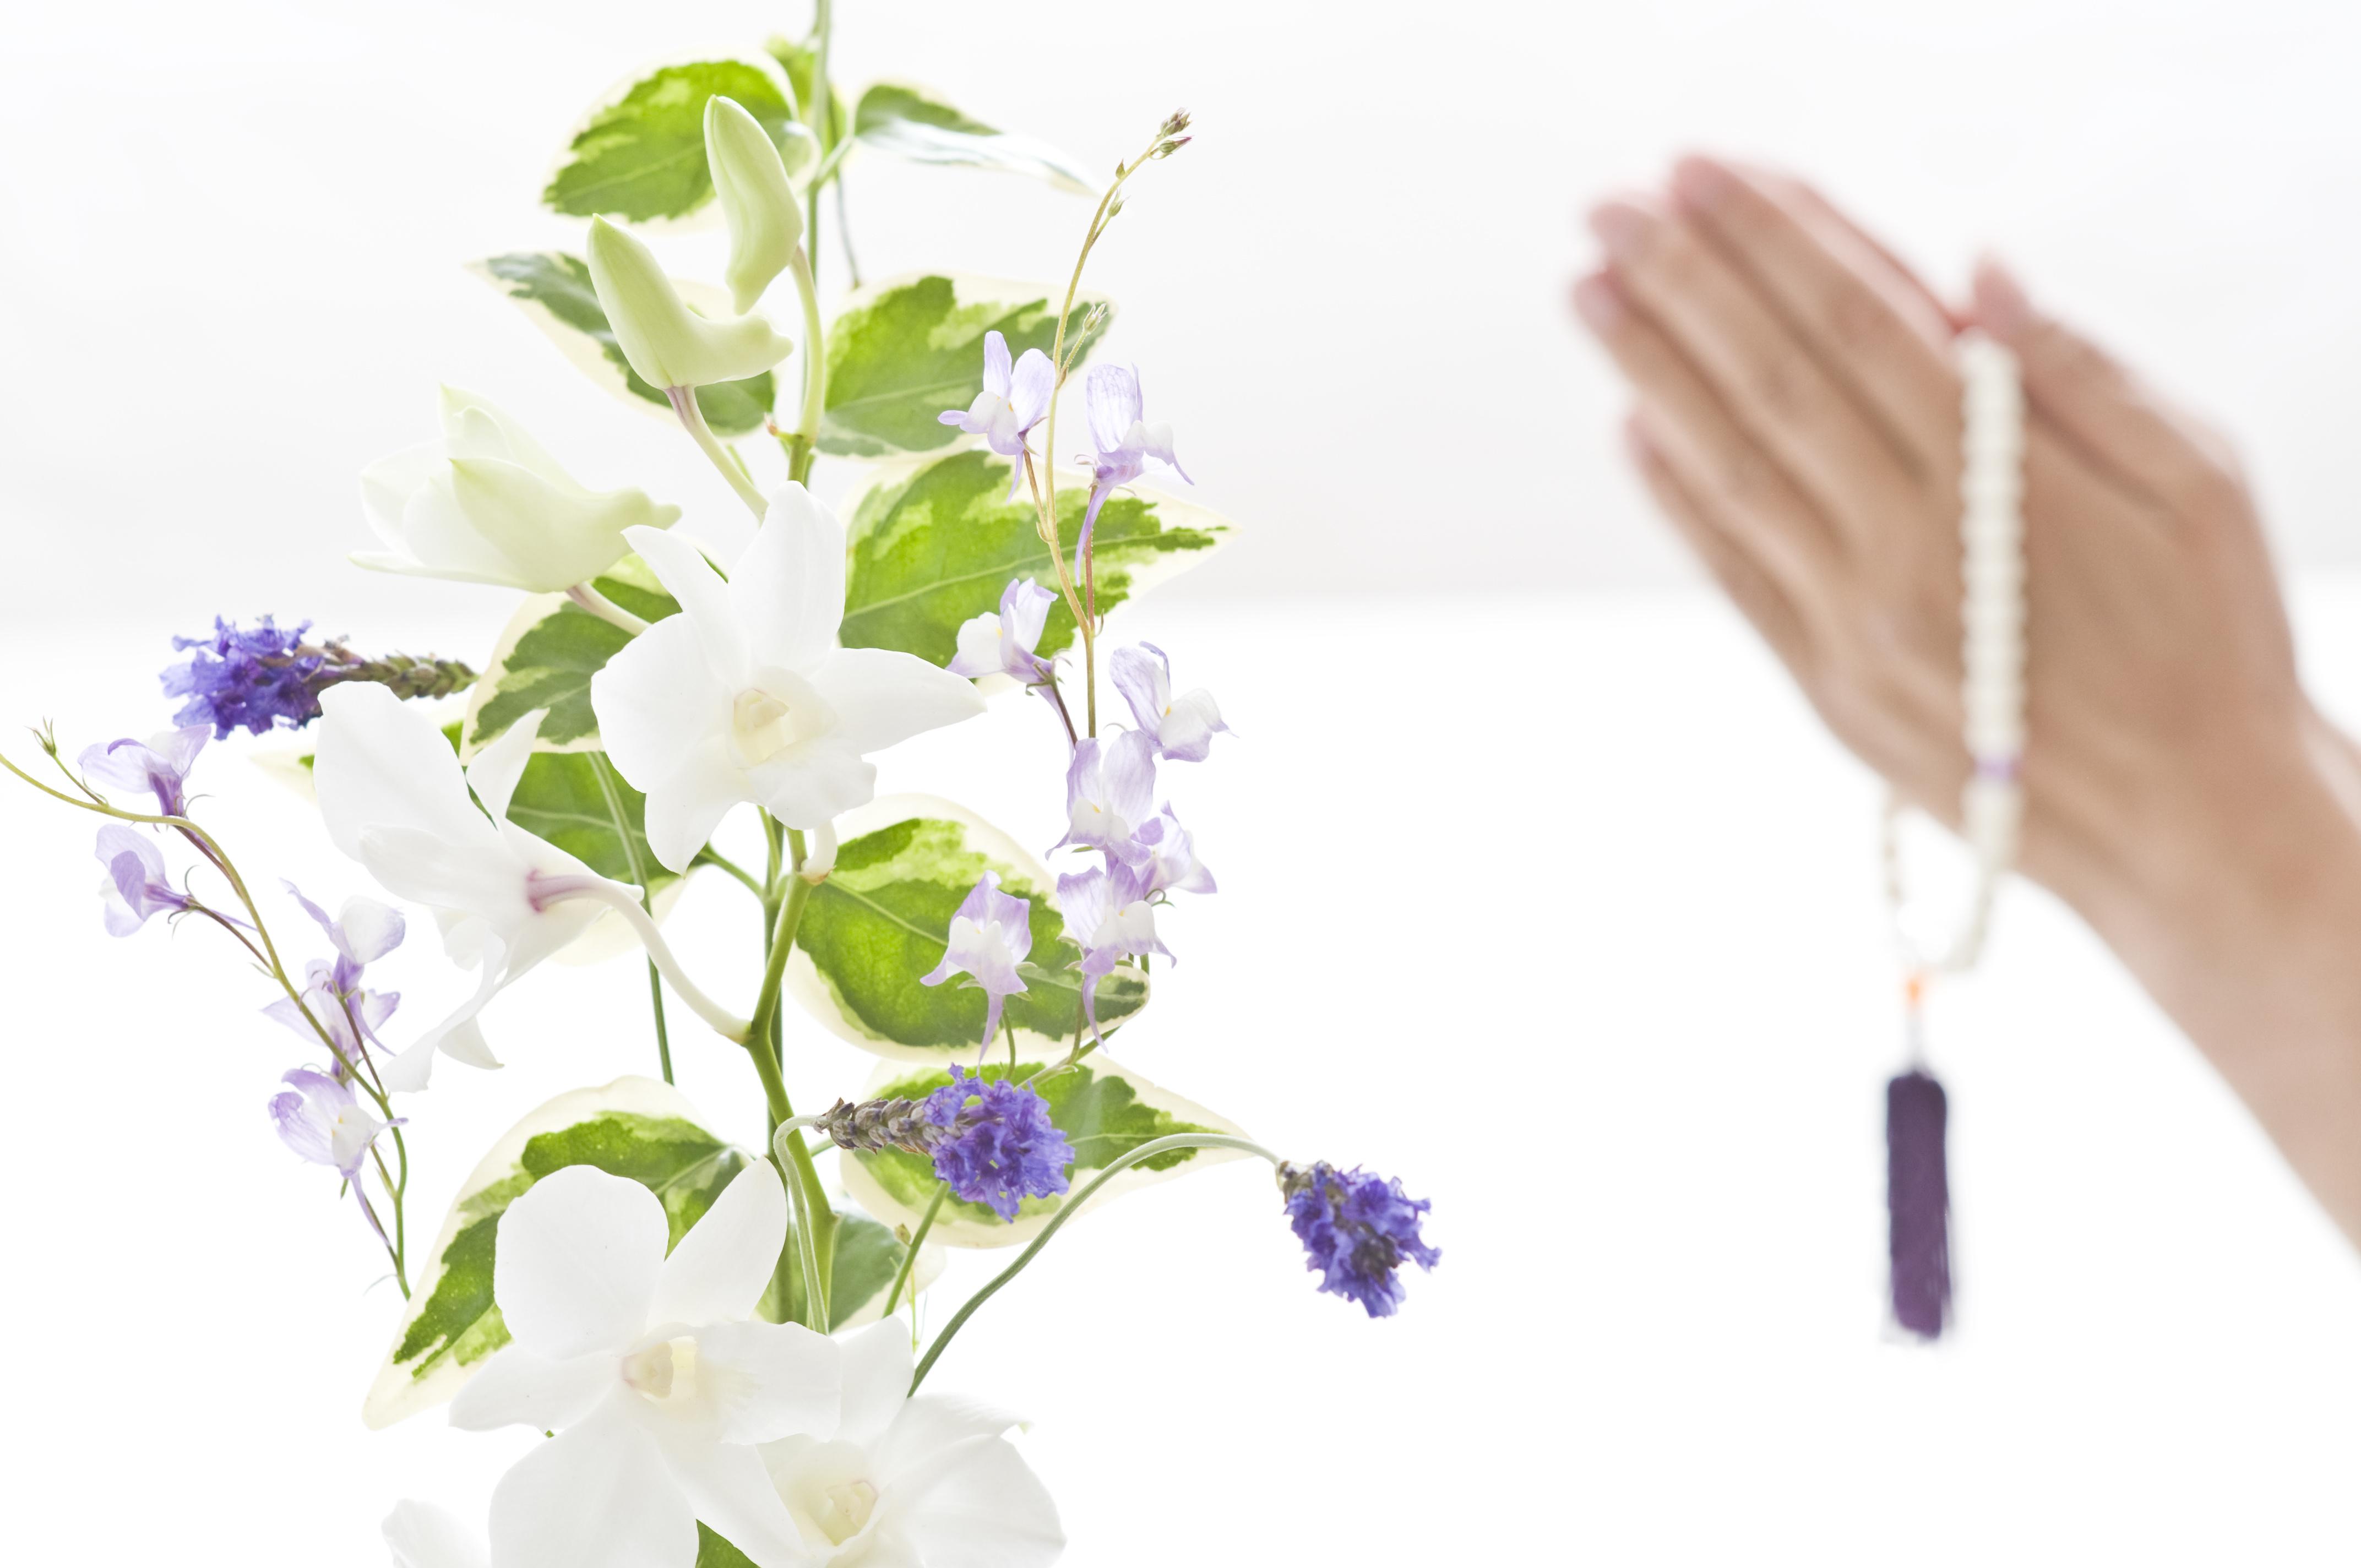 七回忌の挨拶とは?七回忌でふさわしい挨拶を詳しくご紹介しますのサムネイル画像